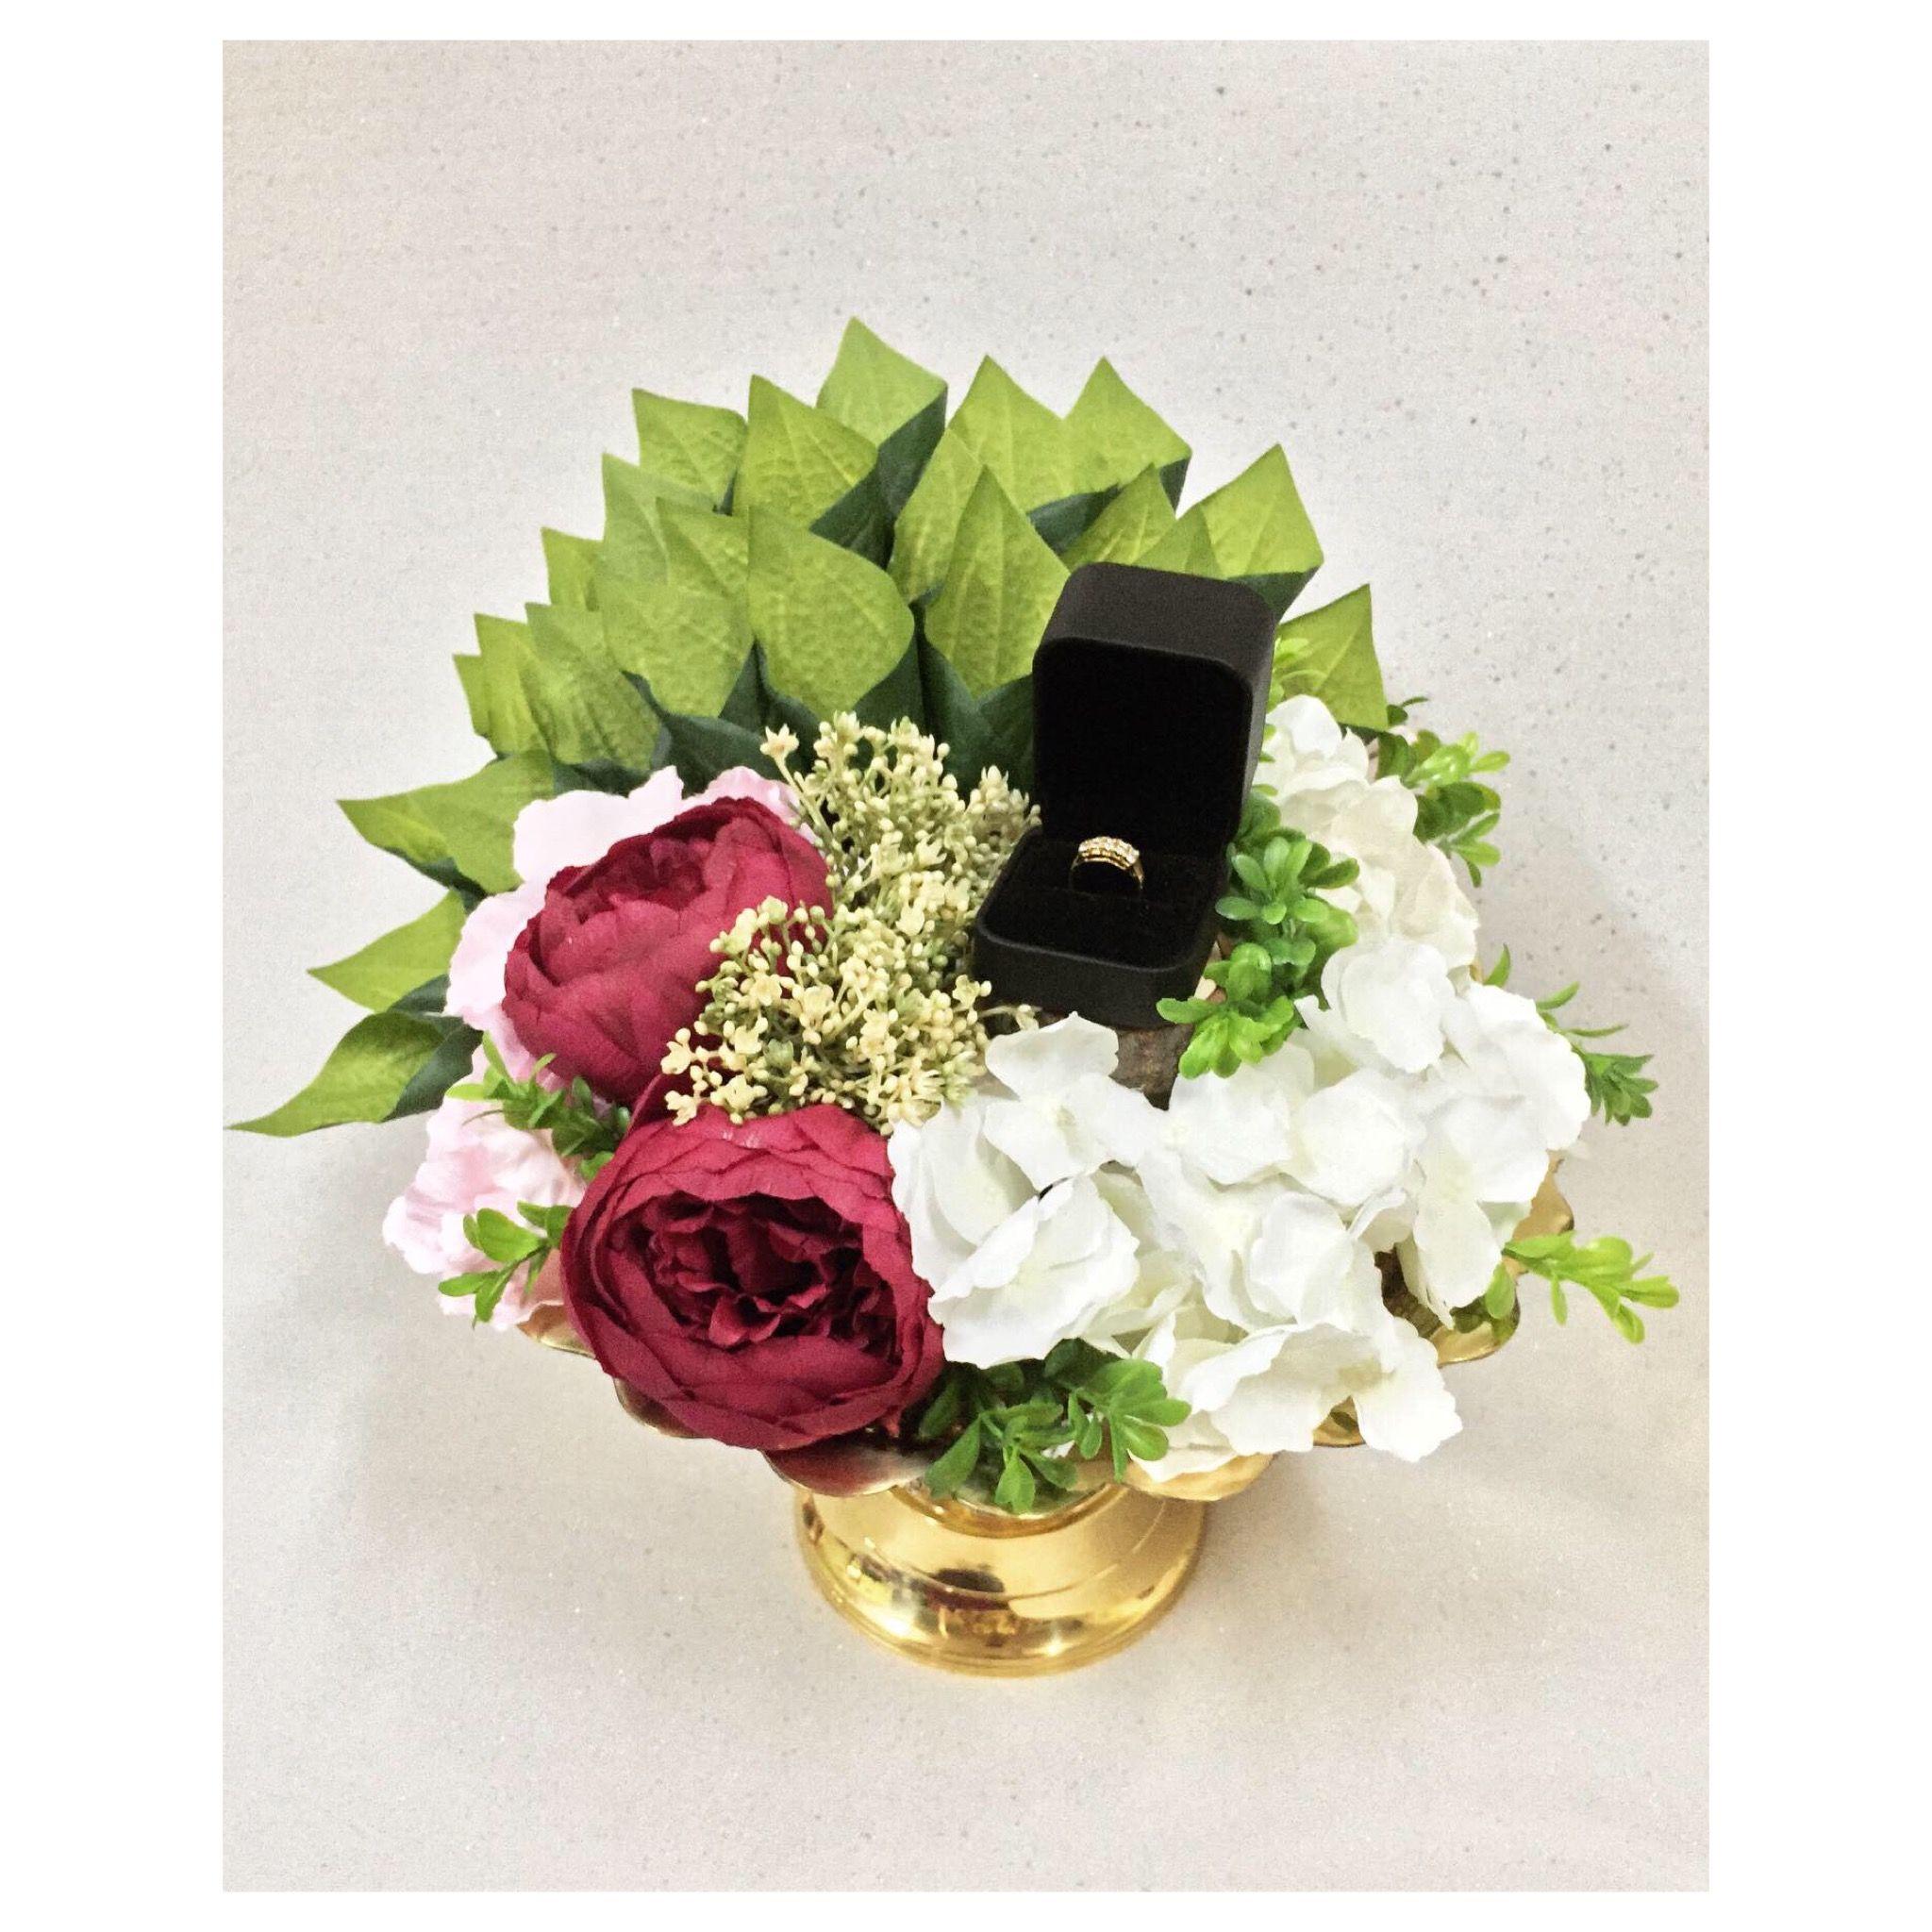 Sirih Junjung Bekas Cincin Wedding Gifts Packaging Hantaran Idea Sirih Junjung